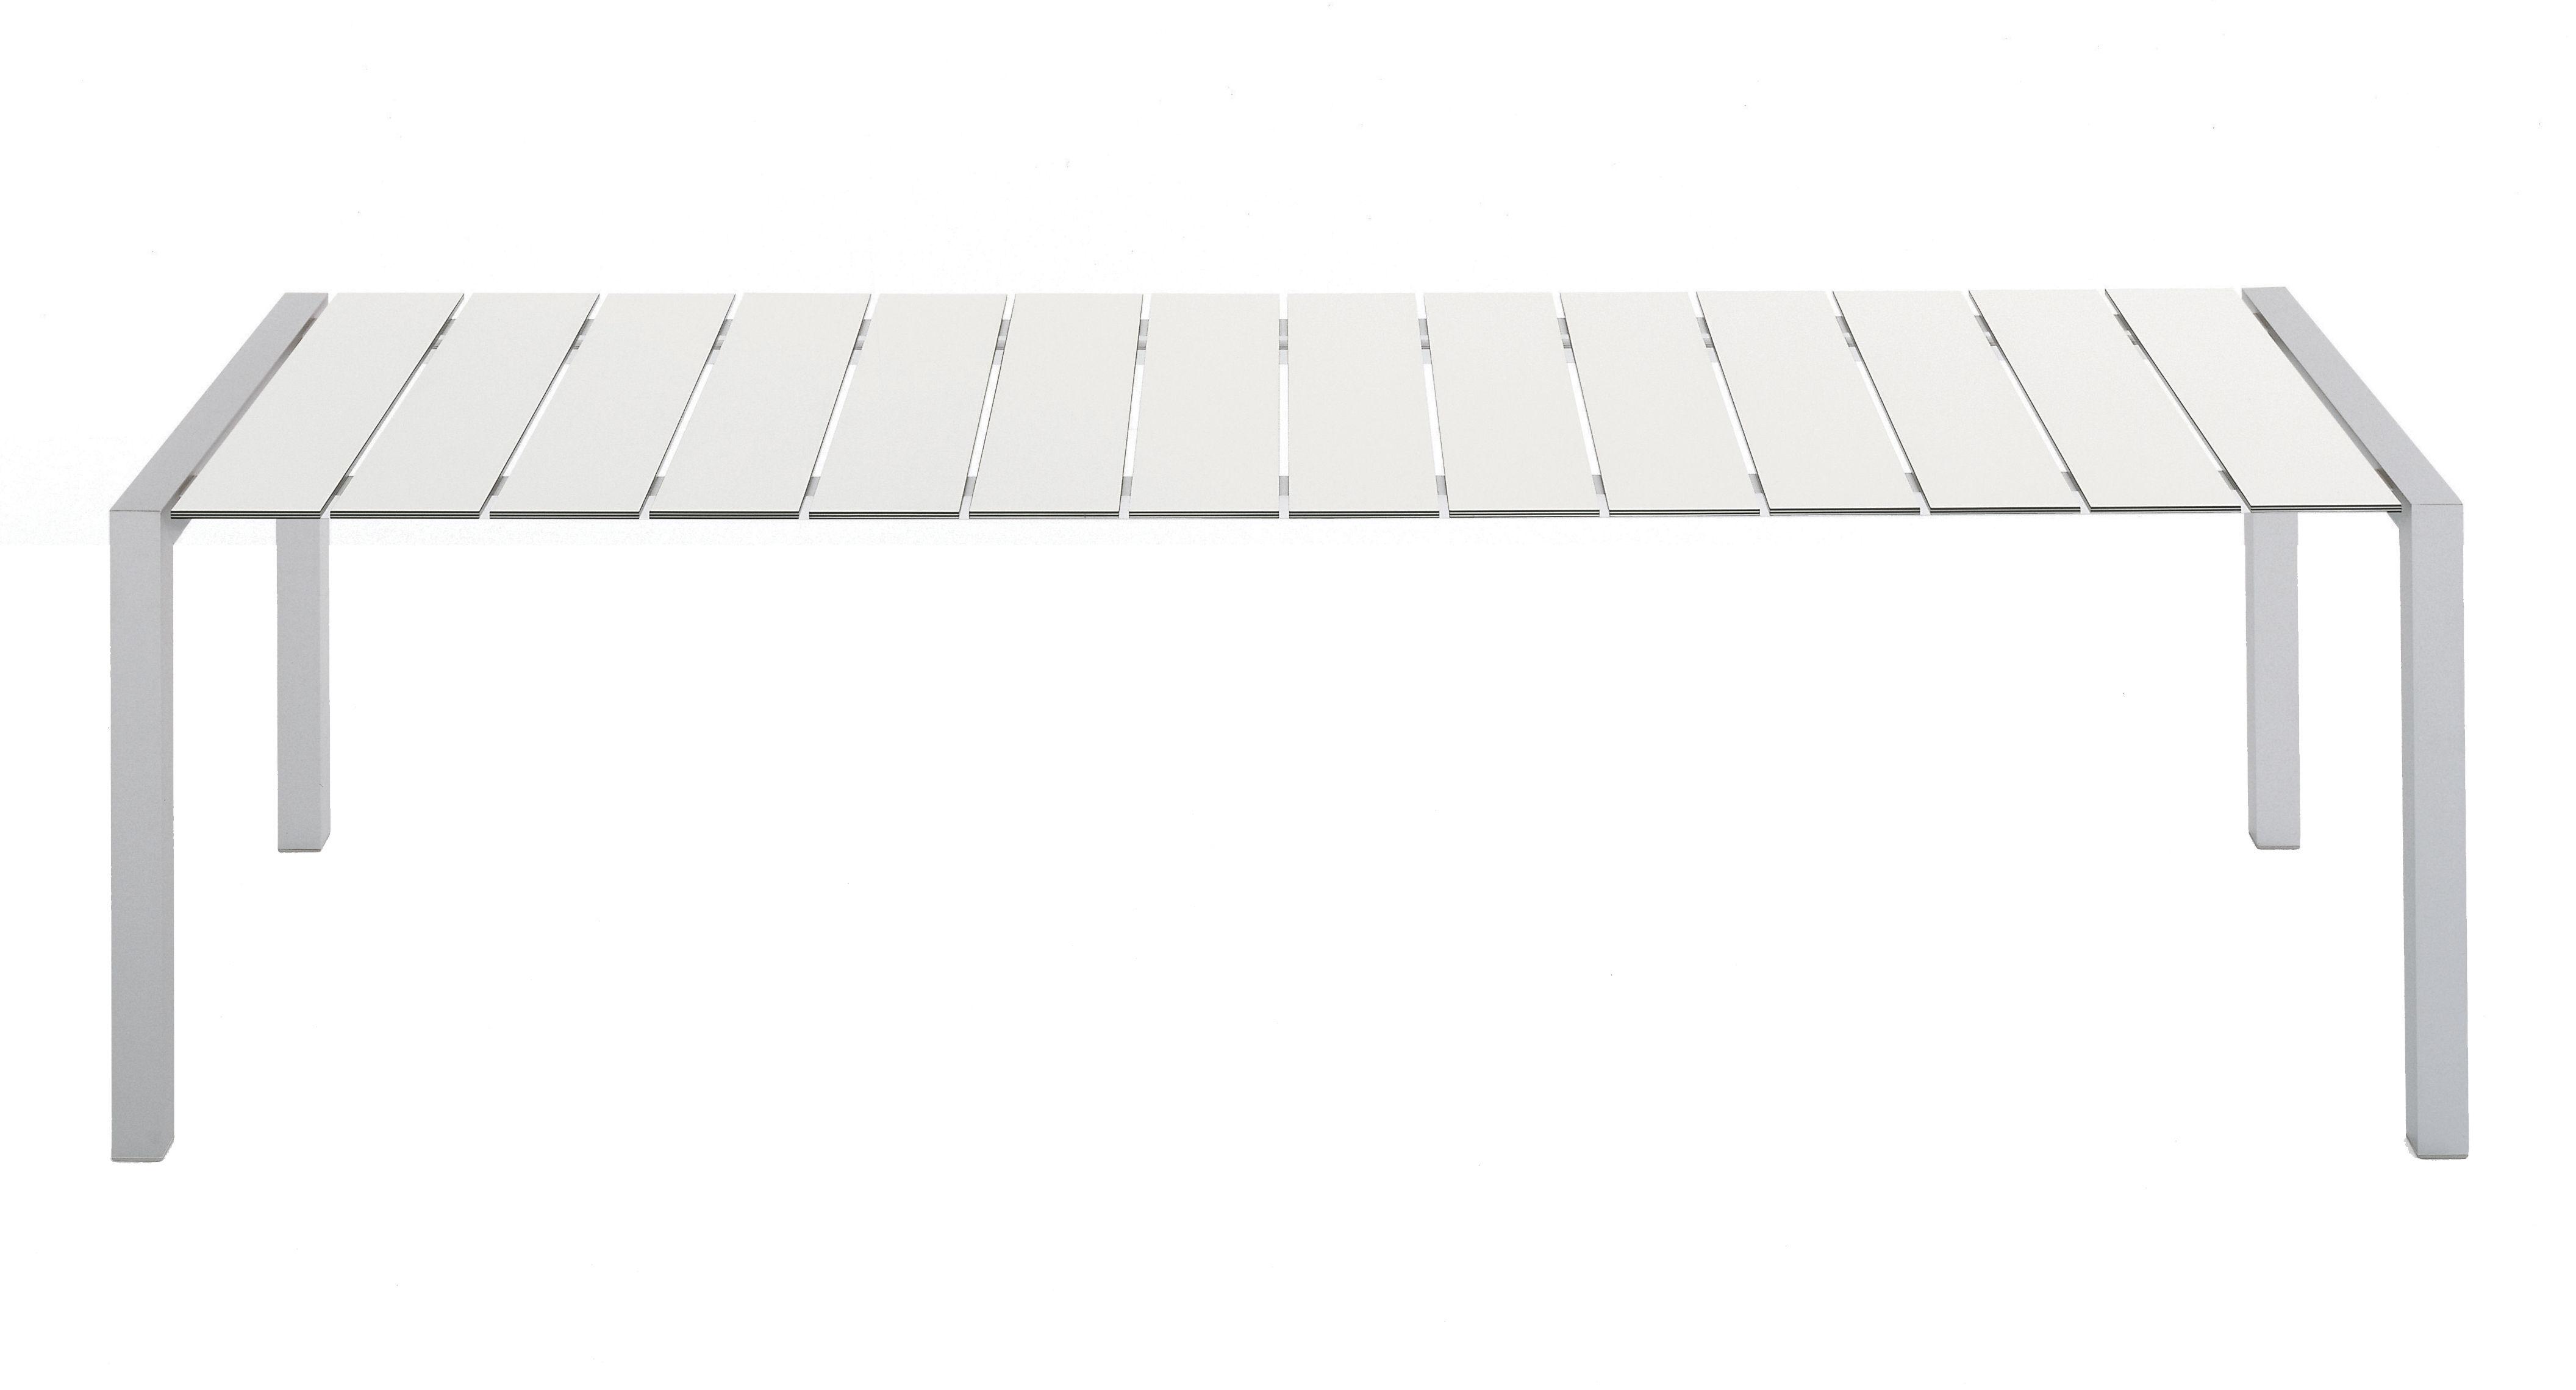 Outdoor - Tables de jardin - Table rectangulaire Sushi Outdoor / L 180 cm - Kristalia - Laminé blanc - Aluminium anodisé, Laminé stratifié